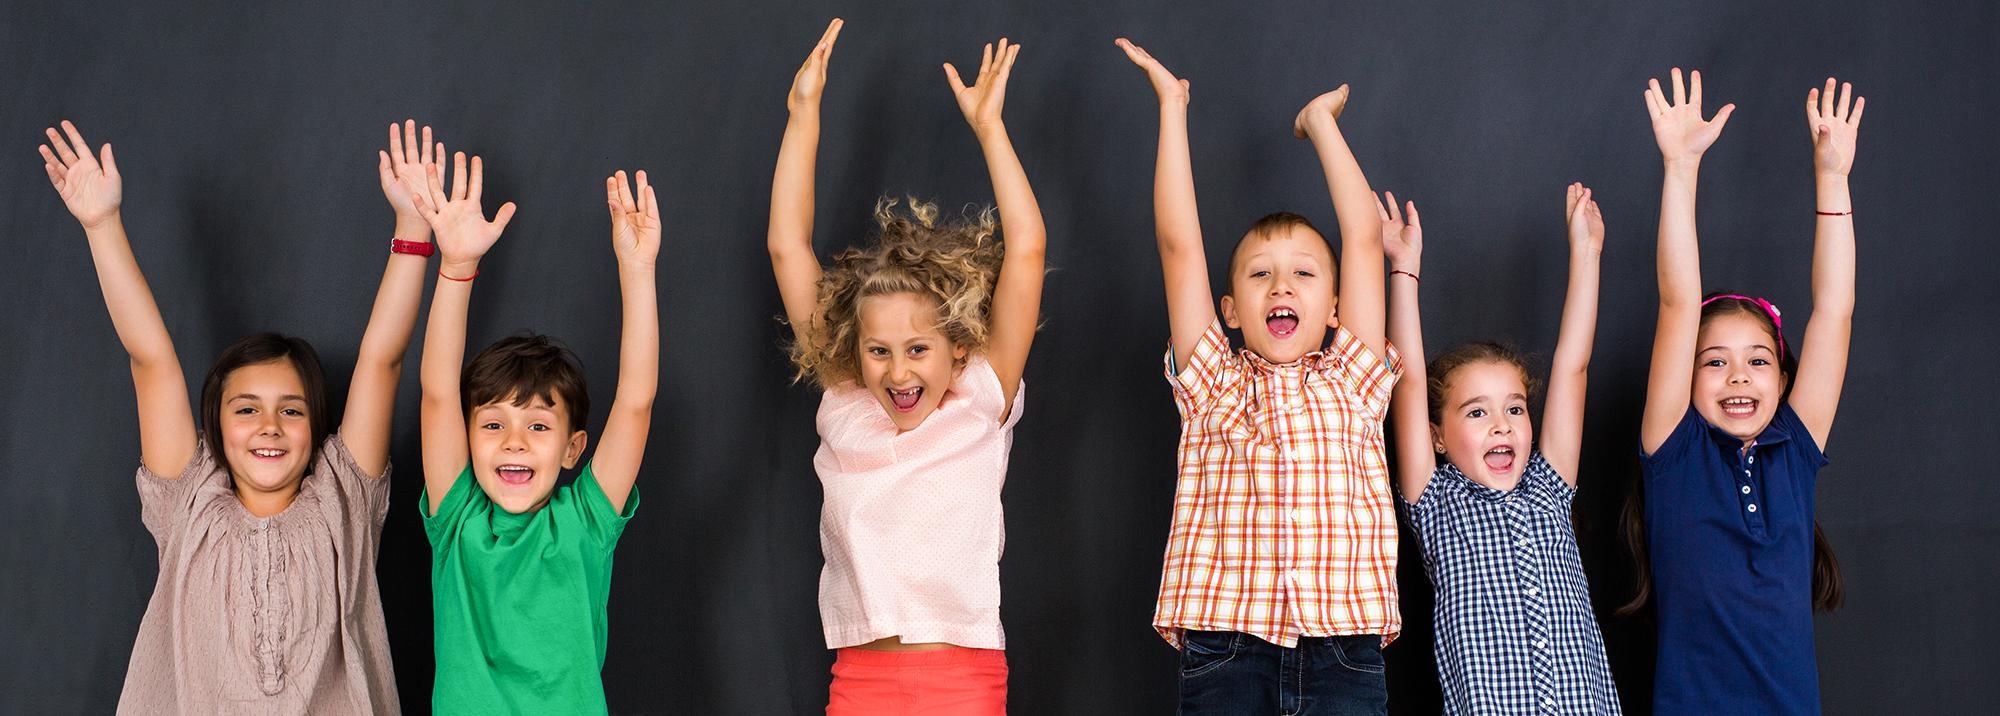 kids-crosslang